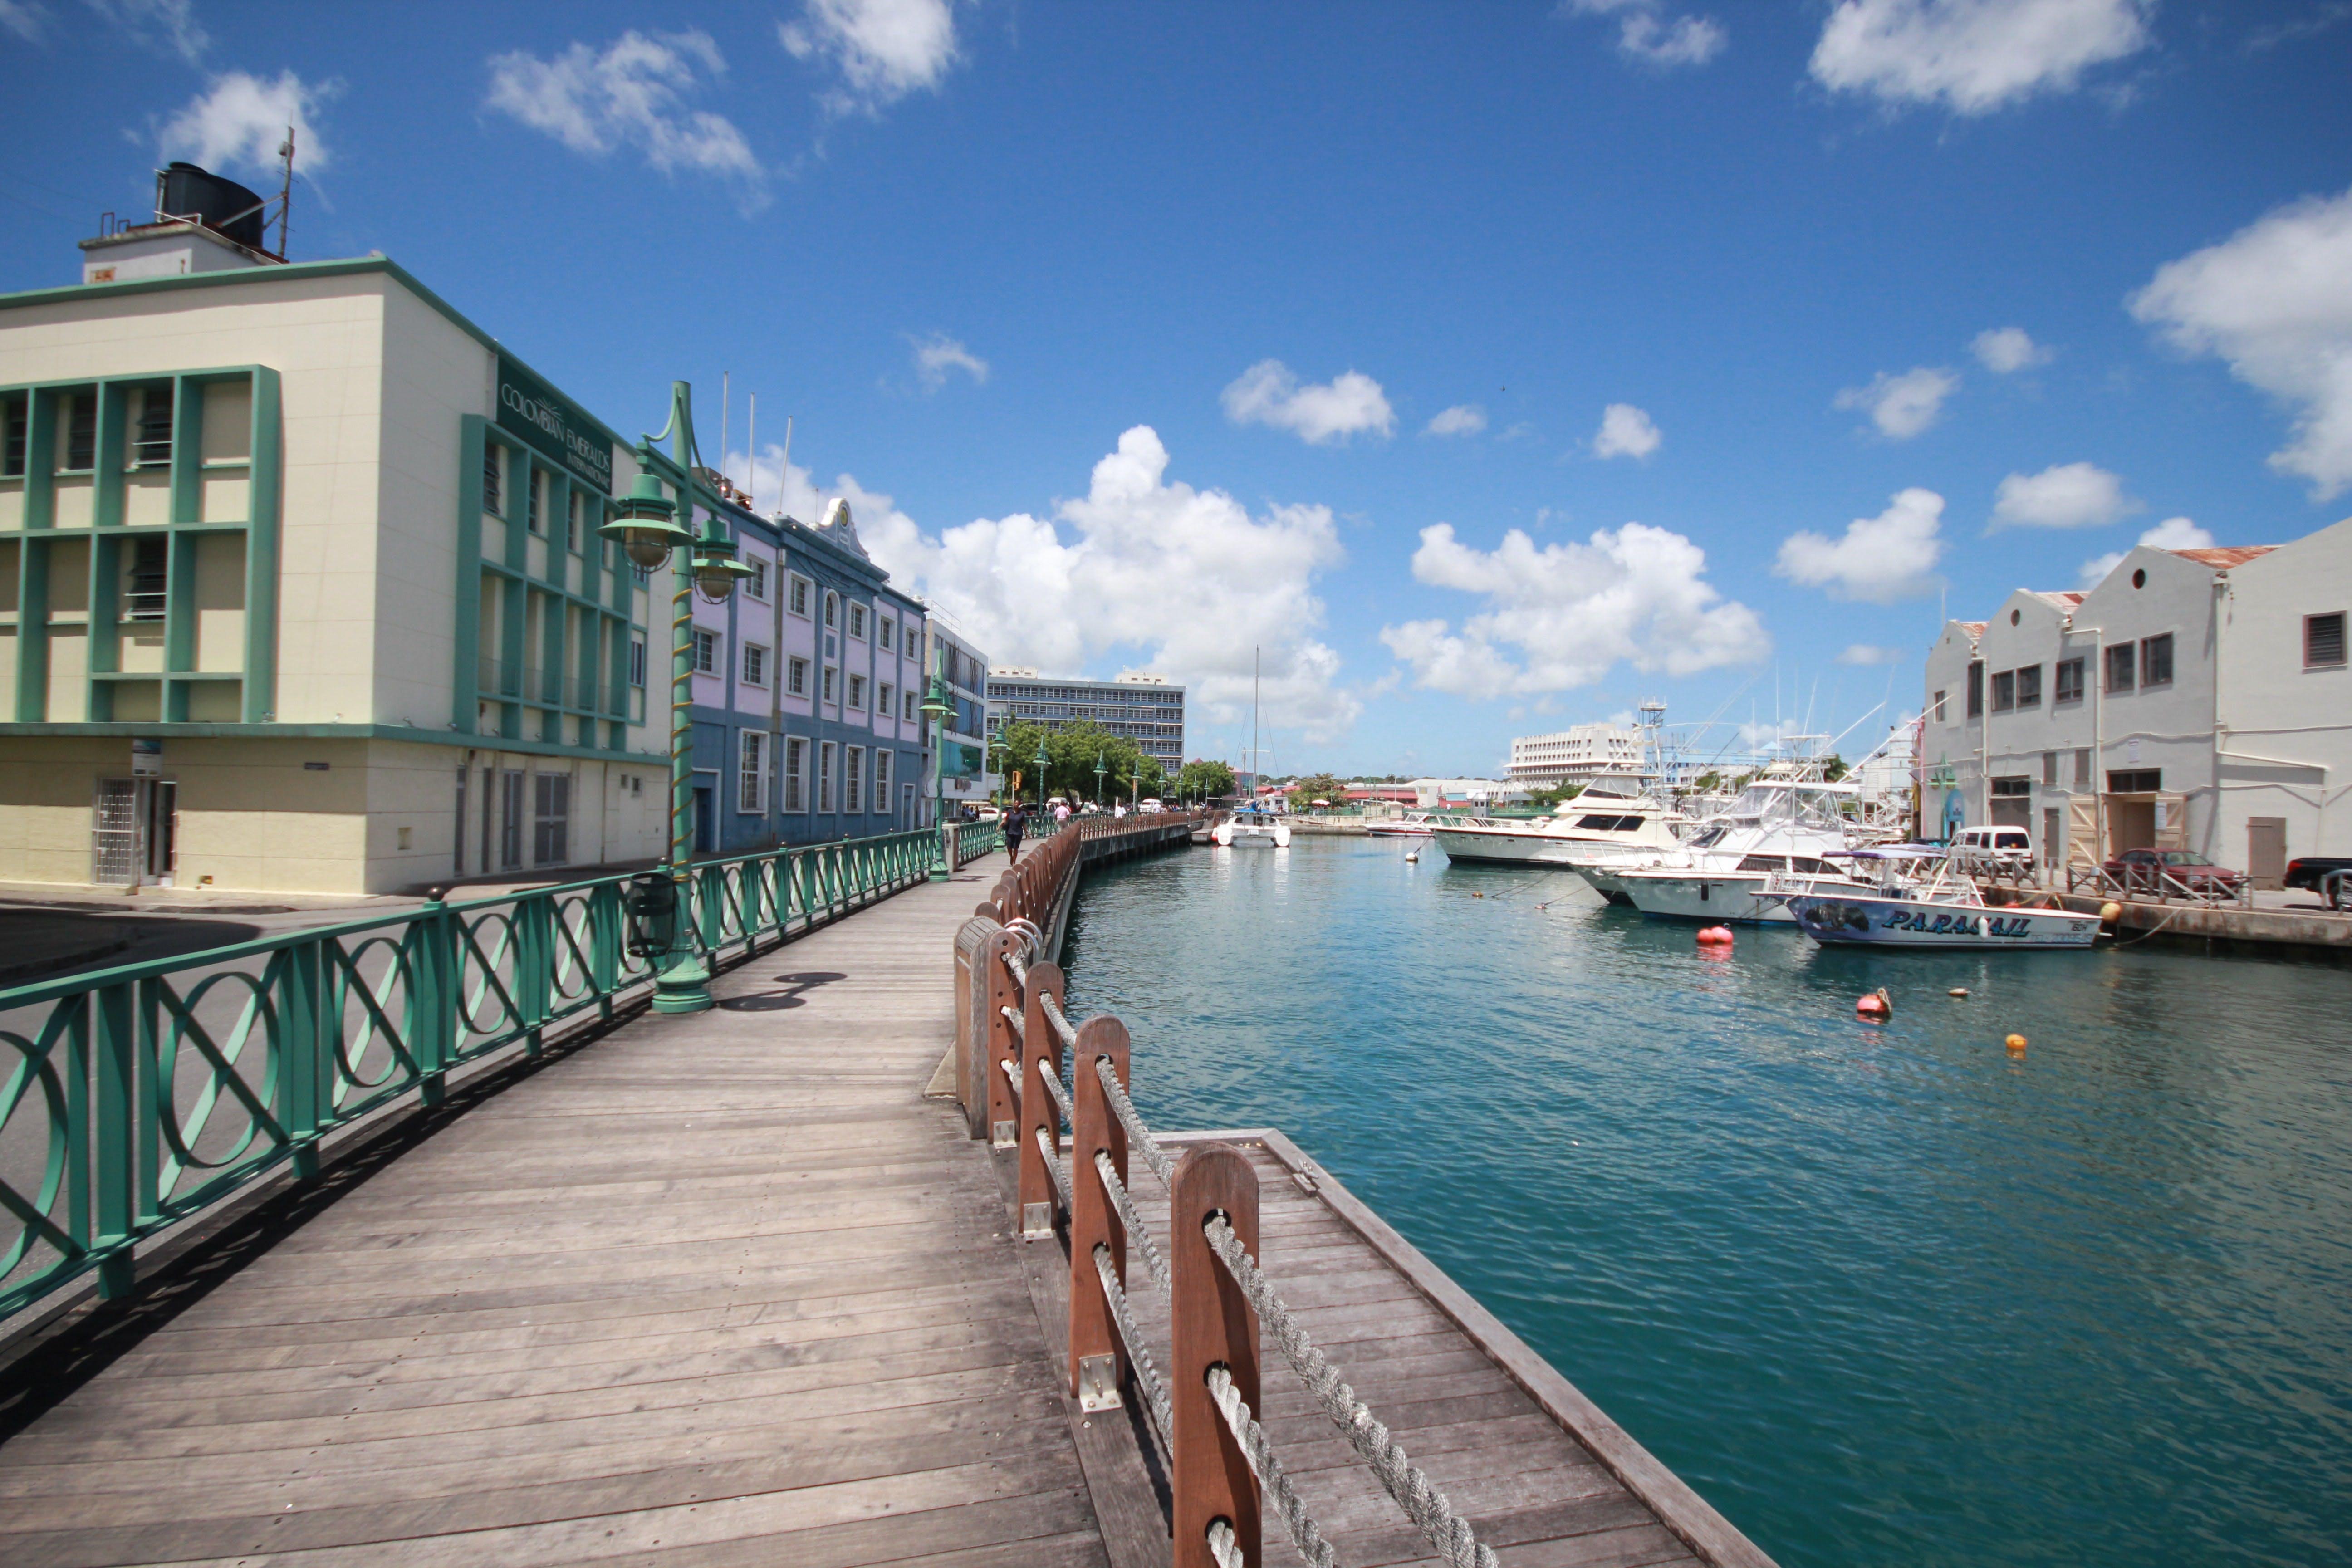 boats docked near buildings